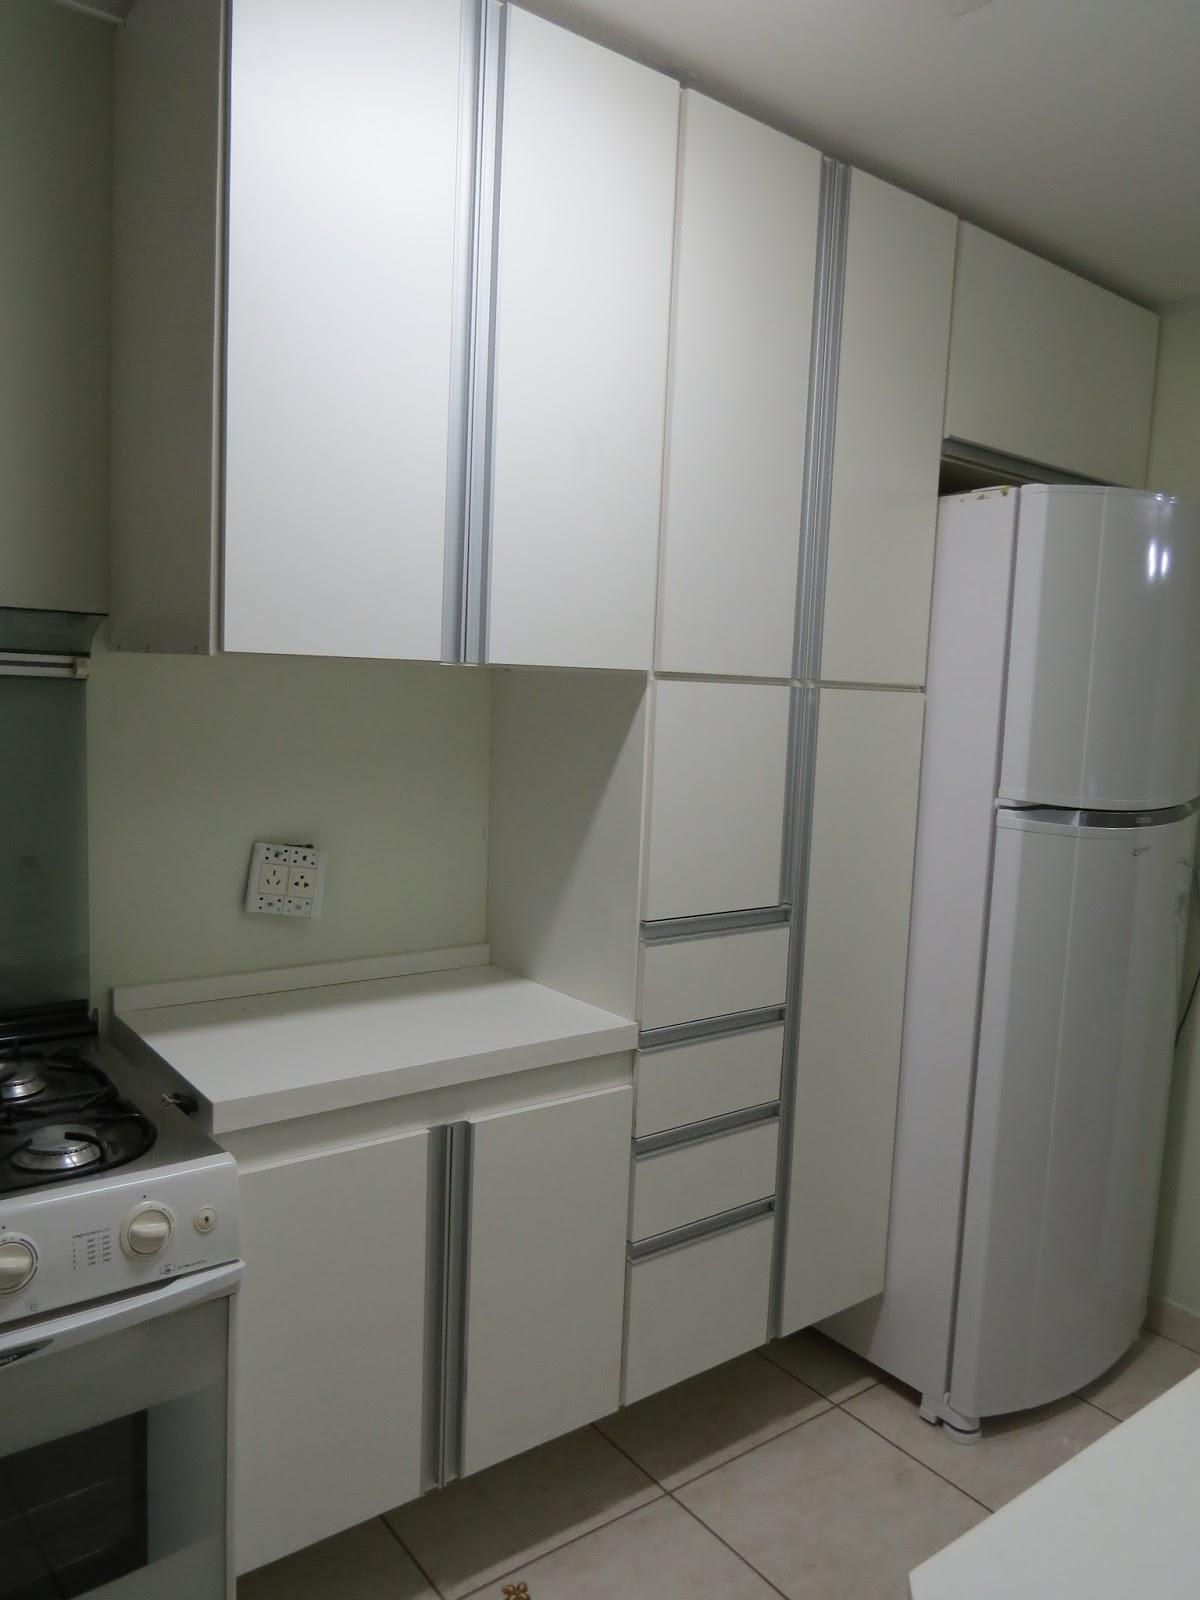 Cozinha Compacta Pia Fogão Armário E Geladeira  innovationetworkcom Idéias  # Armario De Cozinha Em Cima Da Geladeira